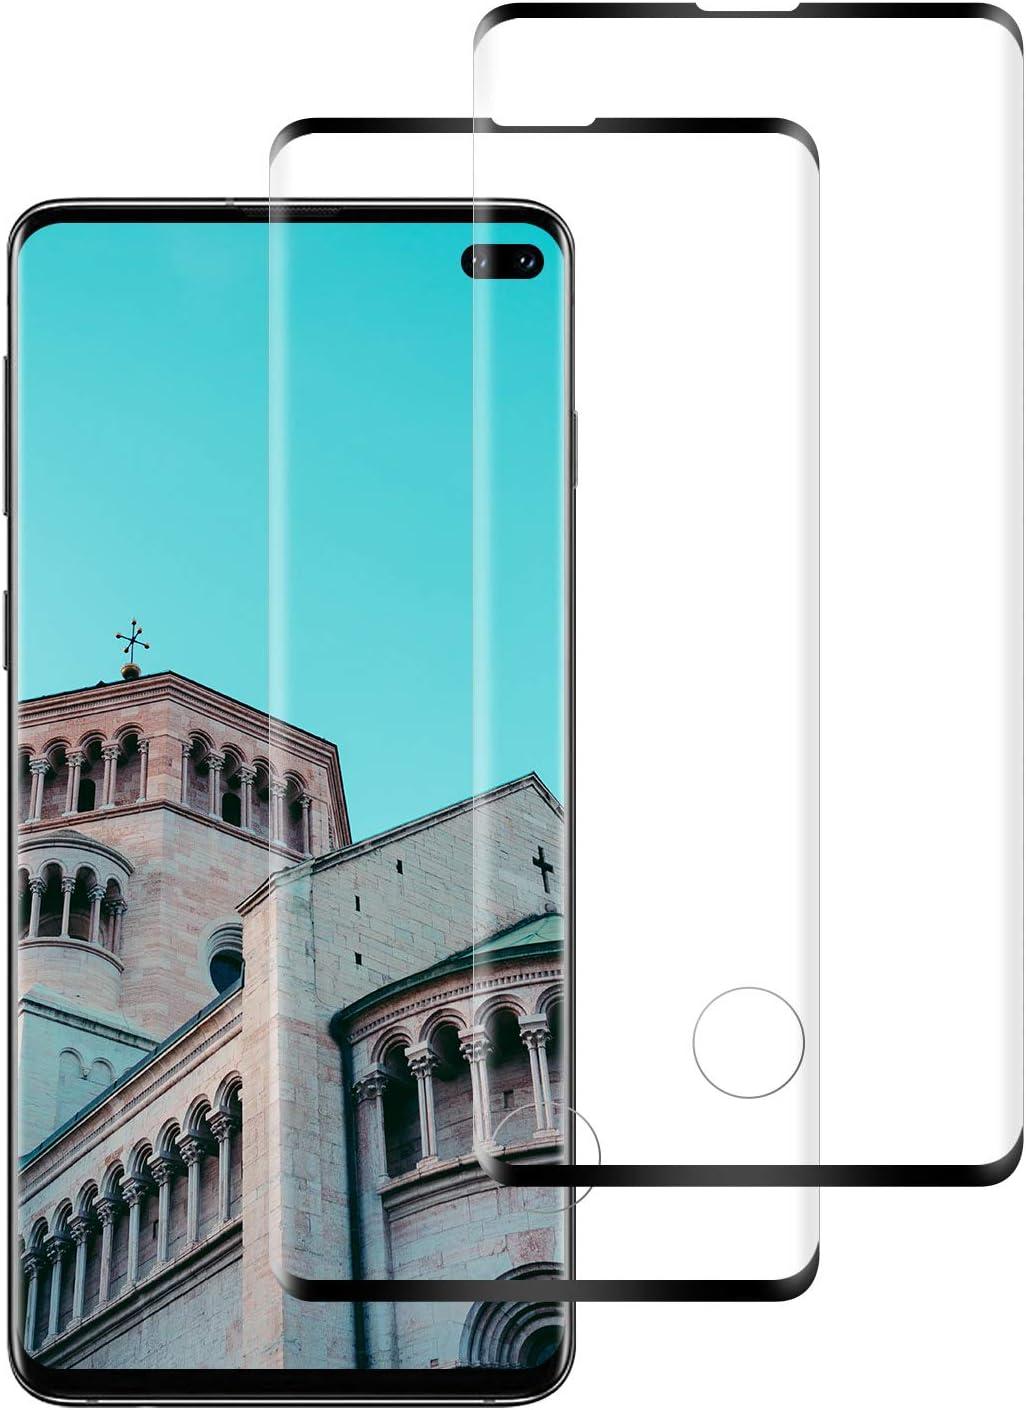 NASFUEY Cristal Templado para Samsung S10 Plus, [2 Pack] Protector de Pantalla, [Anti arañazos] [Sin Burbujas] [Fácil de Instalar] HD Film Vidrio Templado para S10 Plus